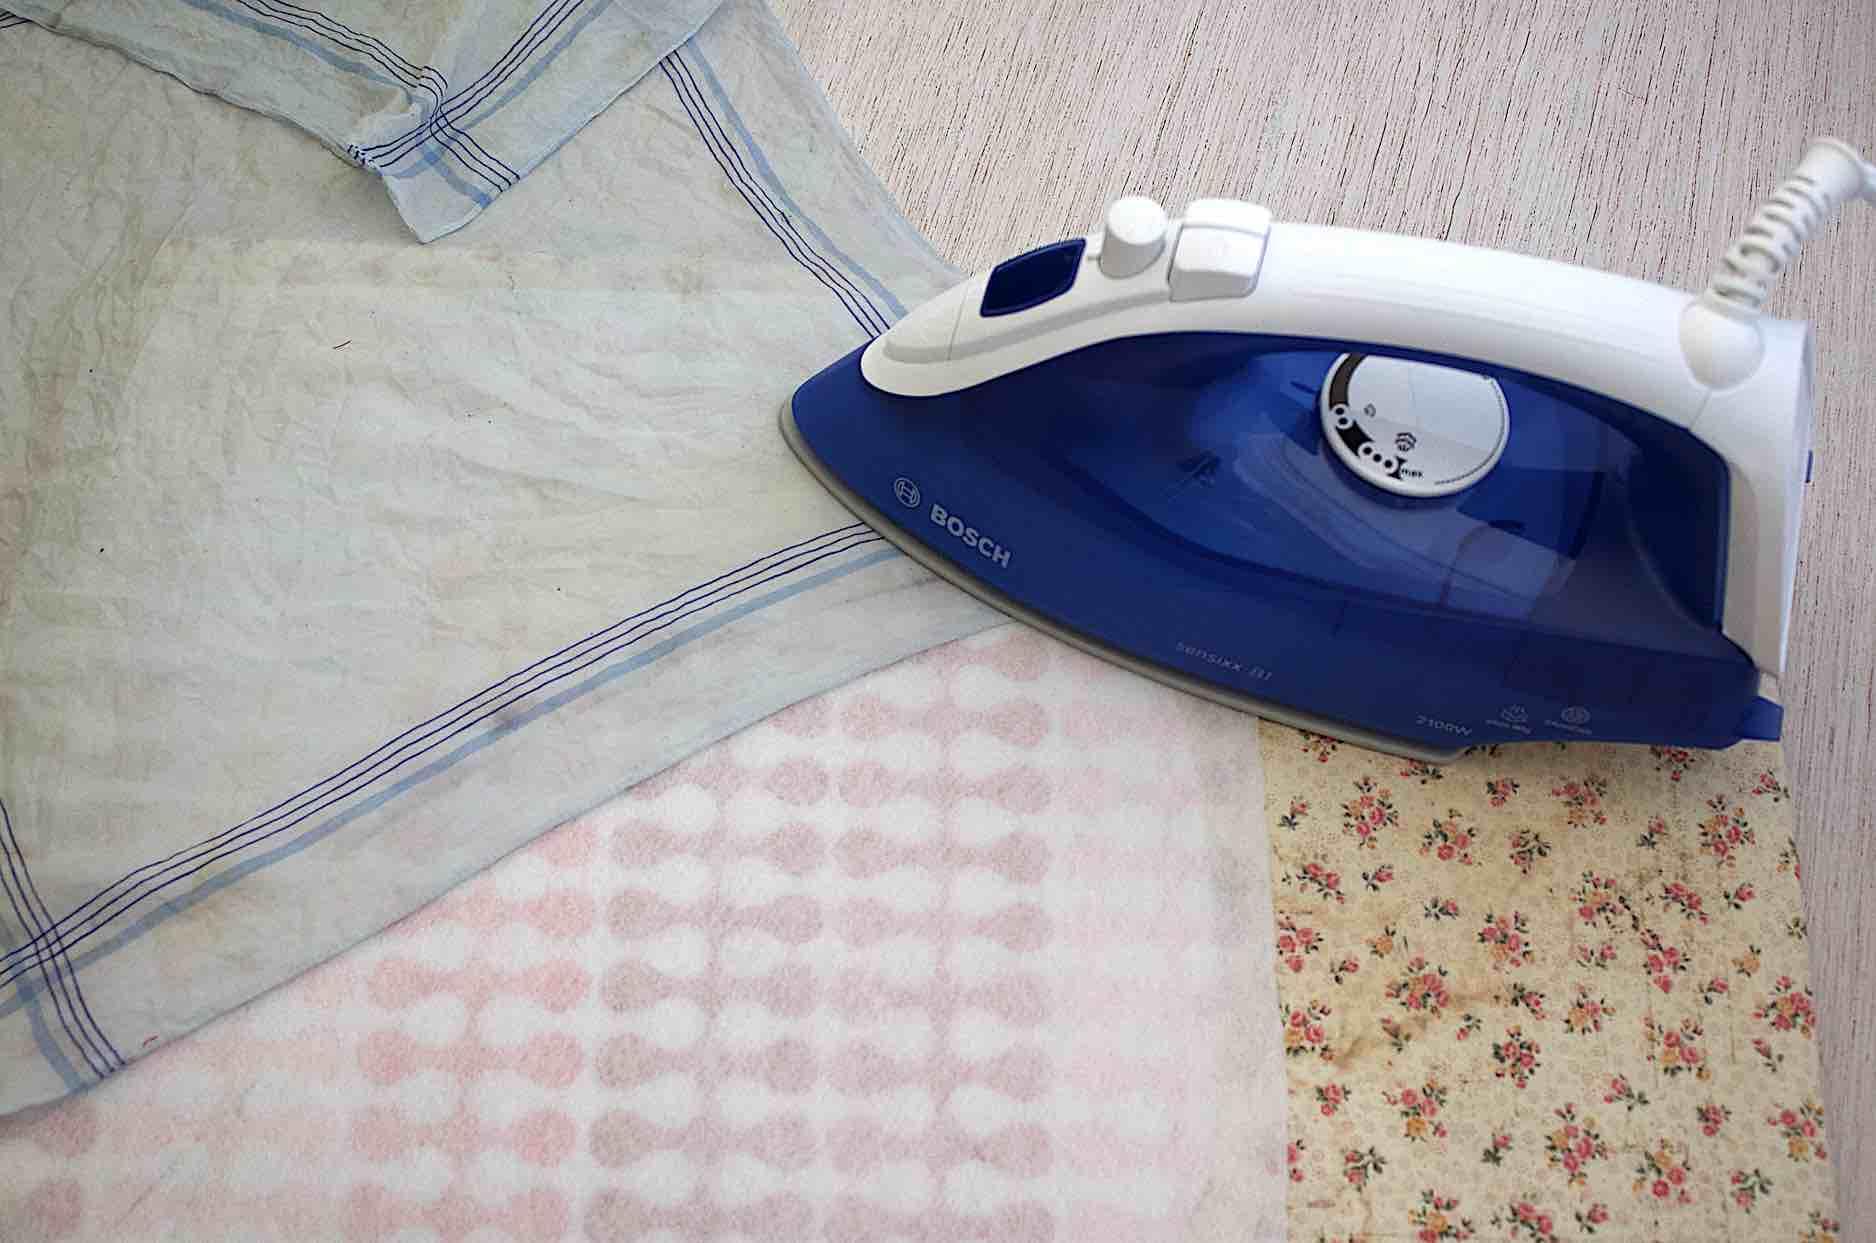 applicare lo stabilizzatore con un panno inumidito e il ferro senza vapore